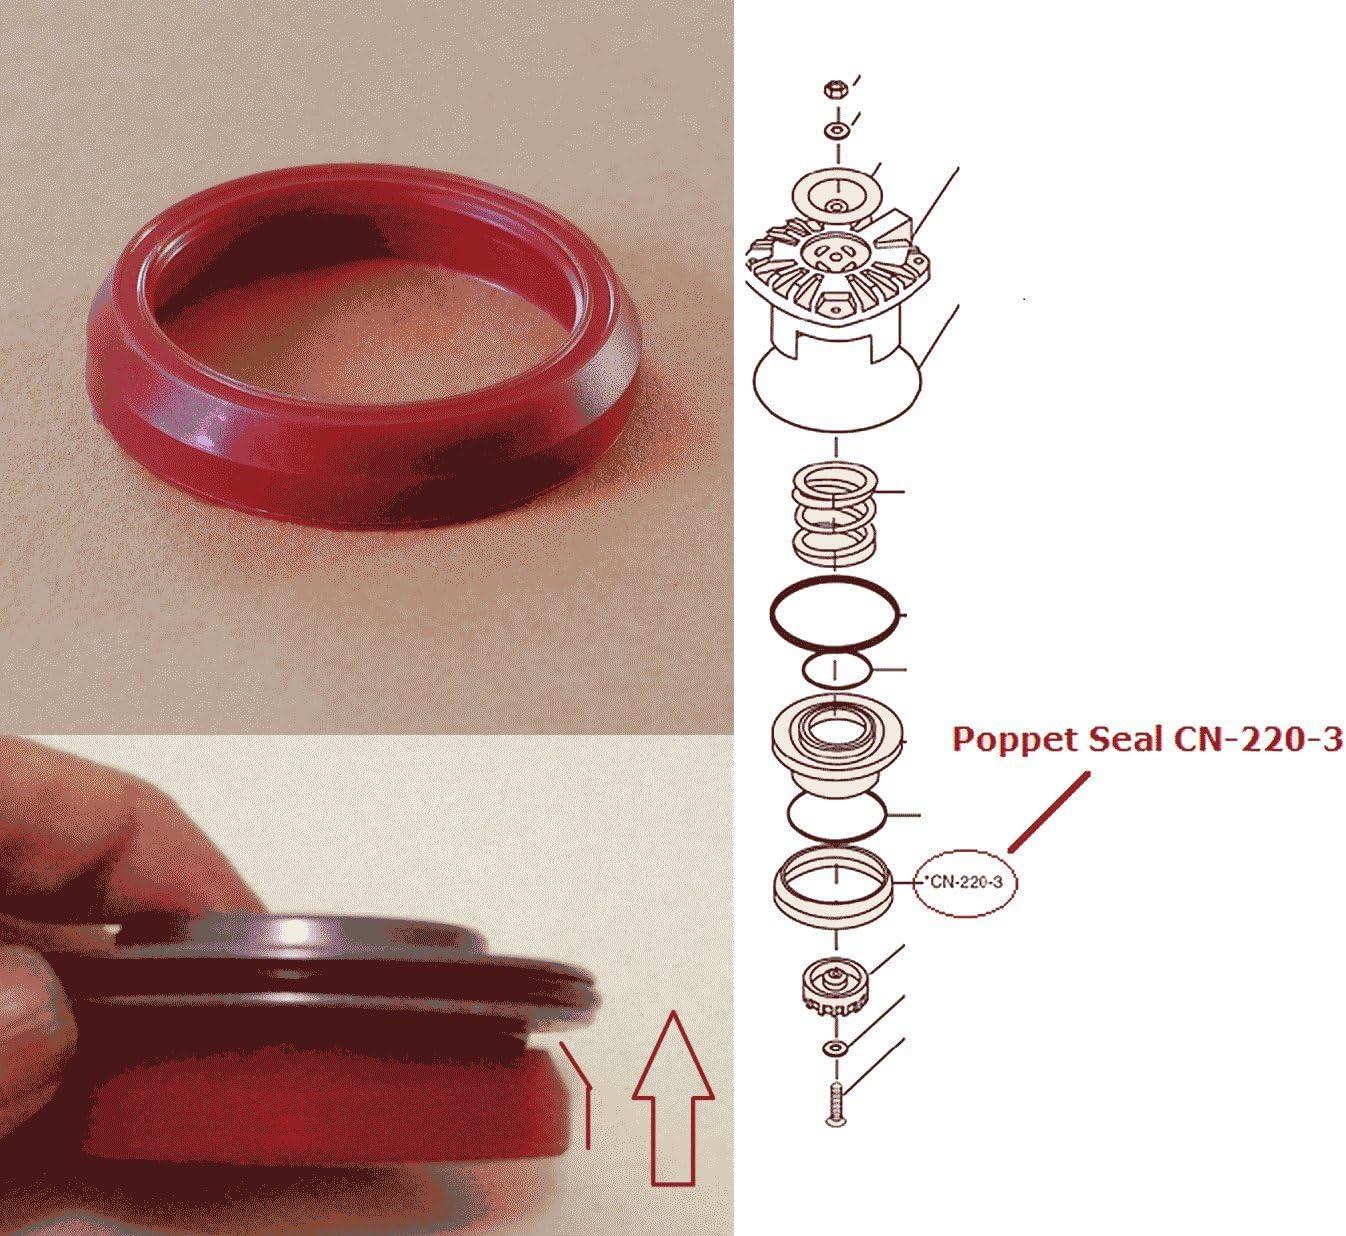 CN-325 B Duo-Fast Nailer O-ring Replacement Kit